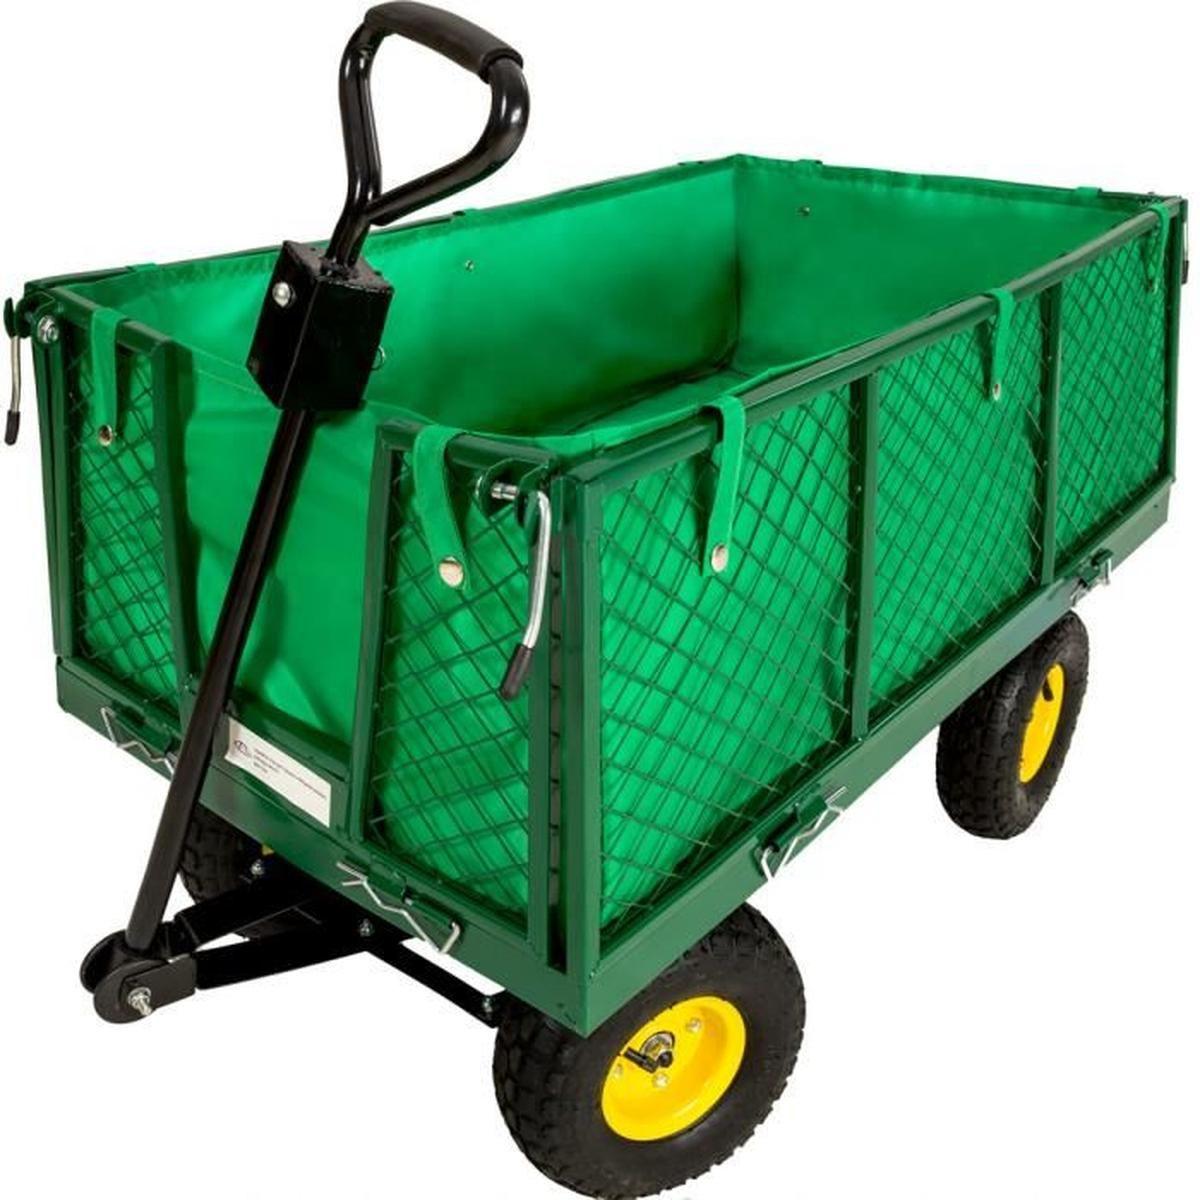 Tectake Chariot De Jardin + Bâche Charge Maximum 550 Kg Vert ... destiné Chariot De Jardin 4 Roues